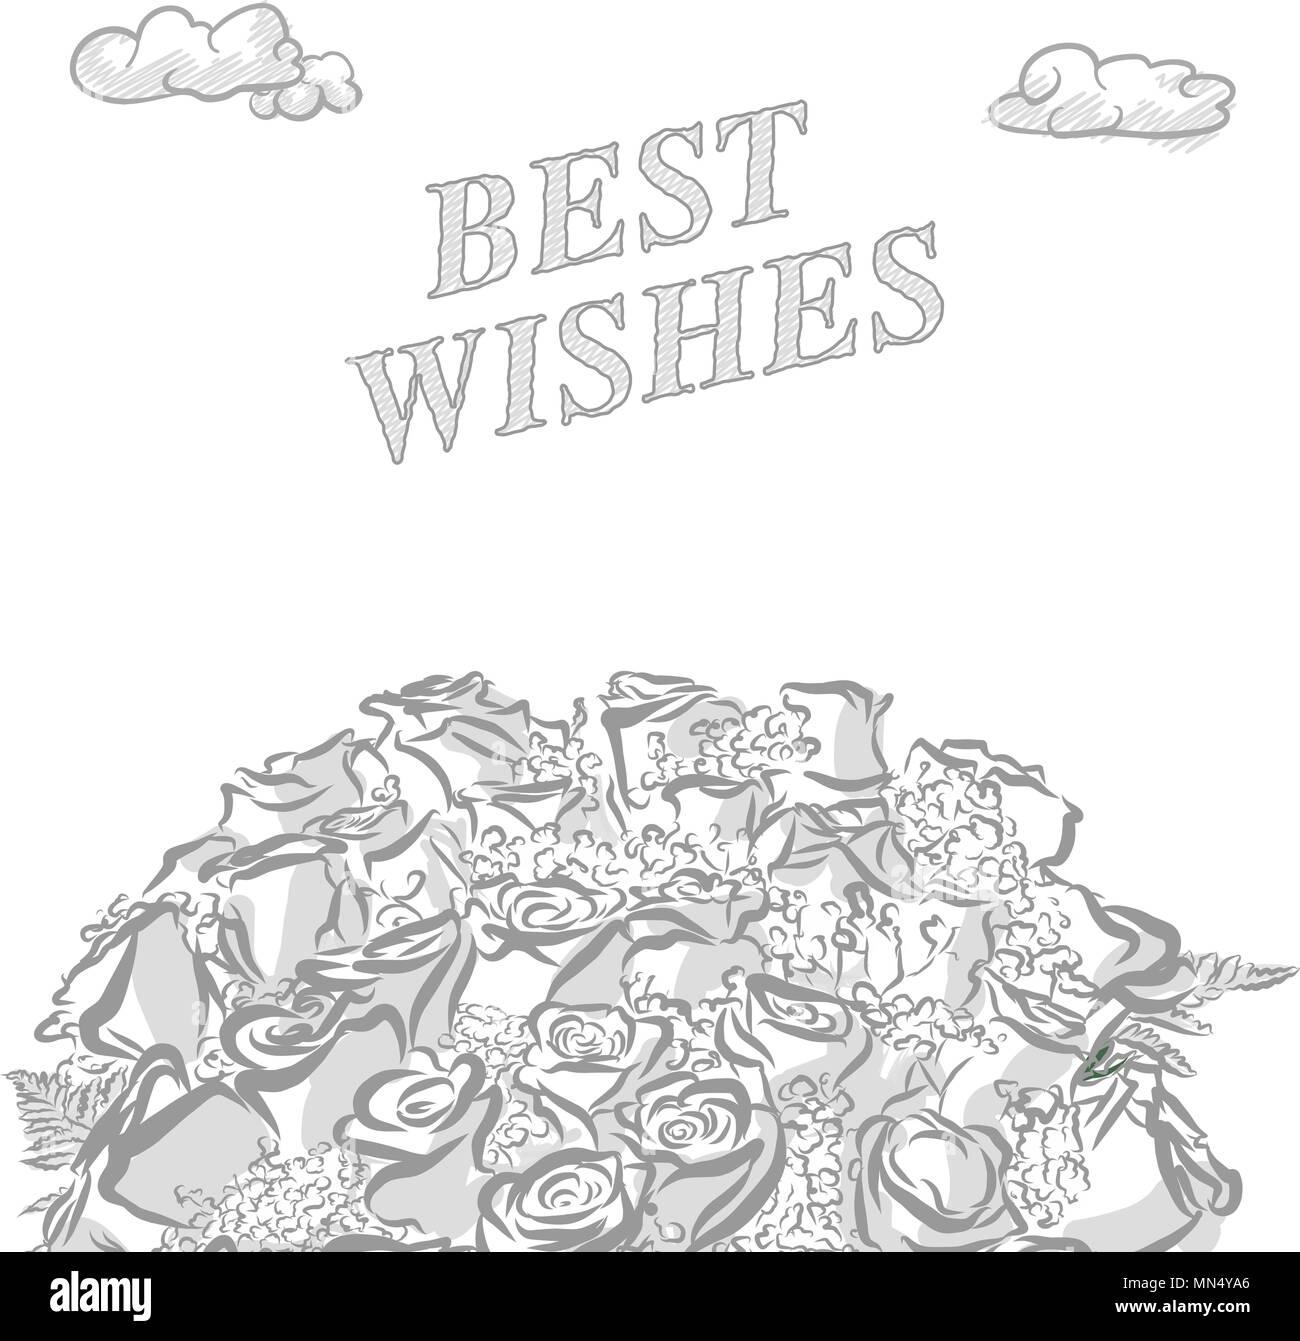 Los Mejores Deseos De Marketing Dibujado A Mano Tapa Un Dibujo